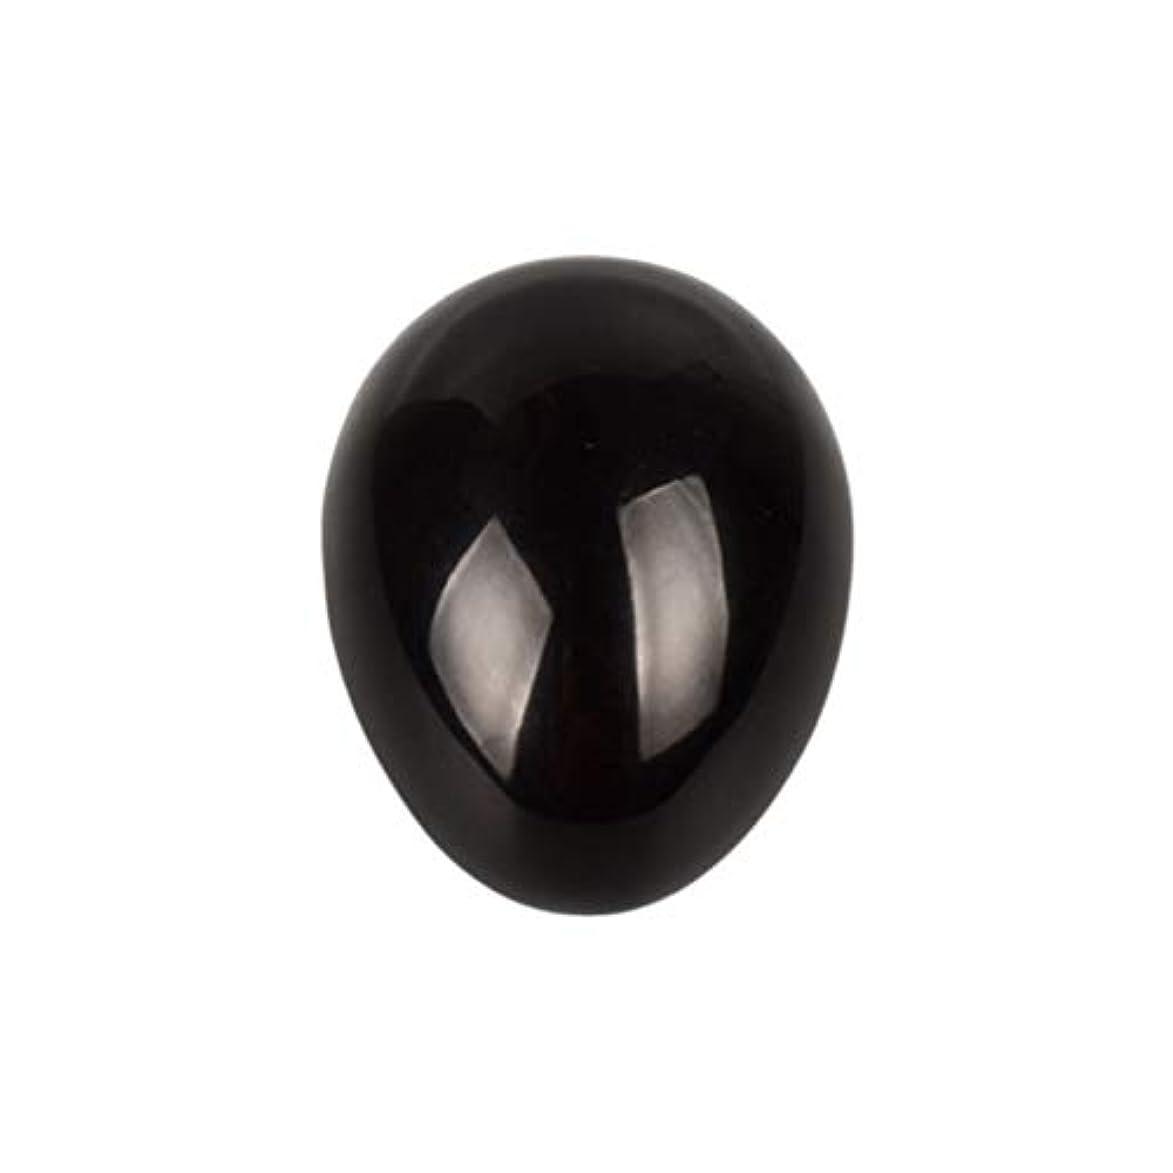 奴隷だます混乱SUPVOX 45×30×30ミリメートルのバランスをとる瞑想チャクラを癒すための黒曜石宝石用原石の卵球